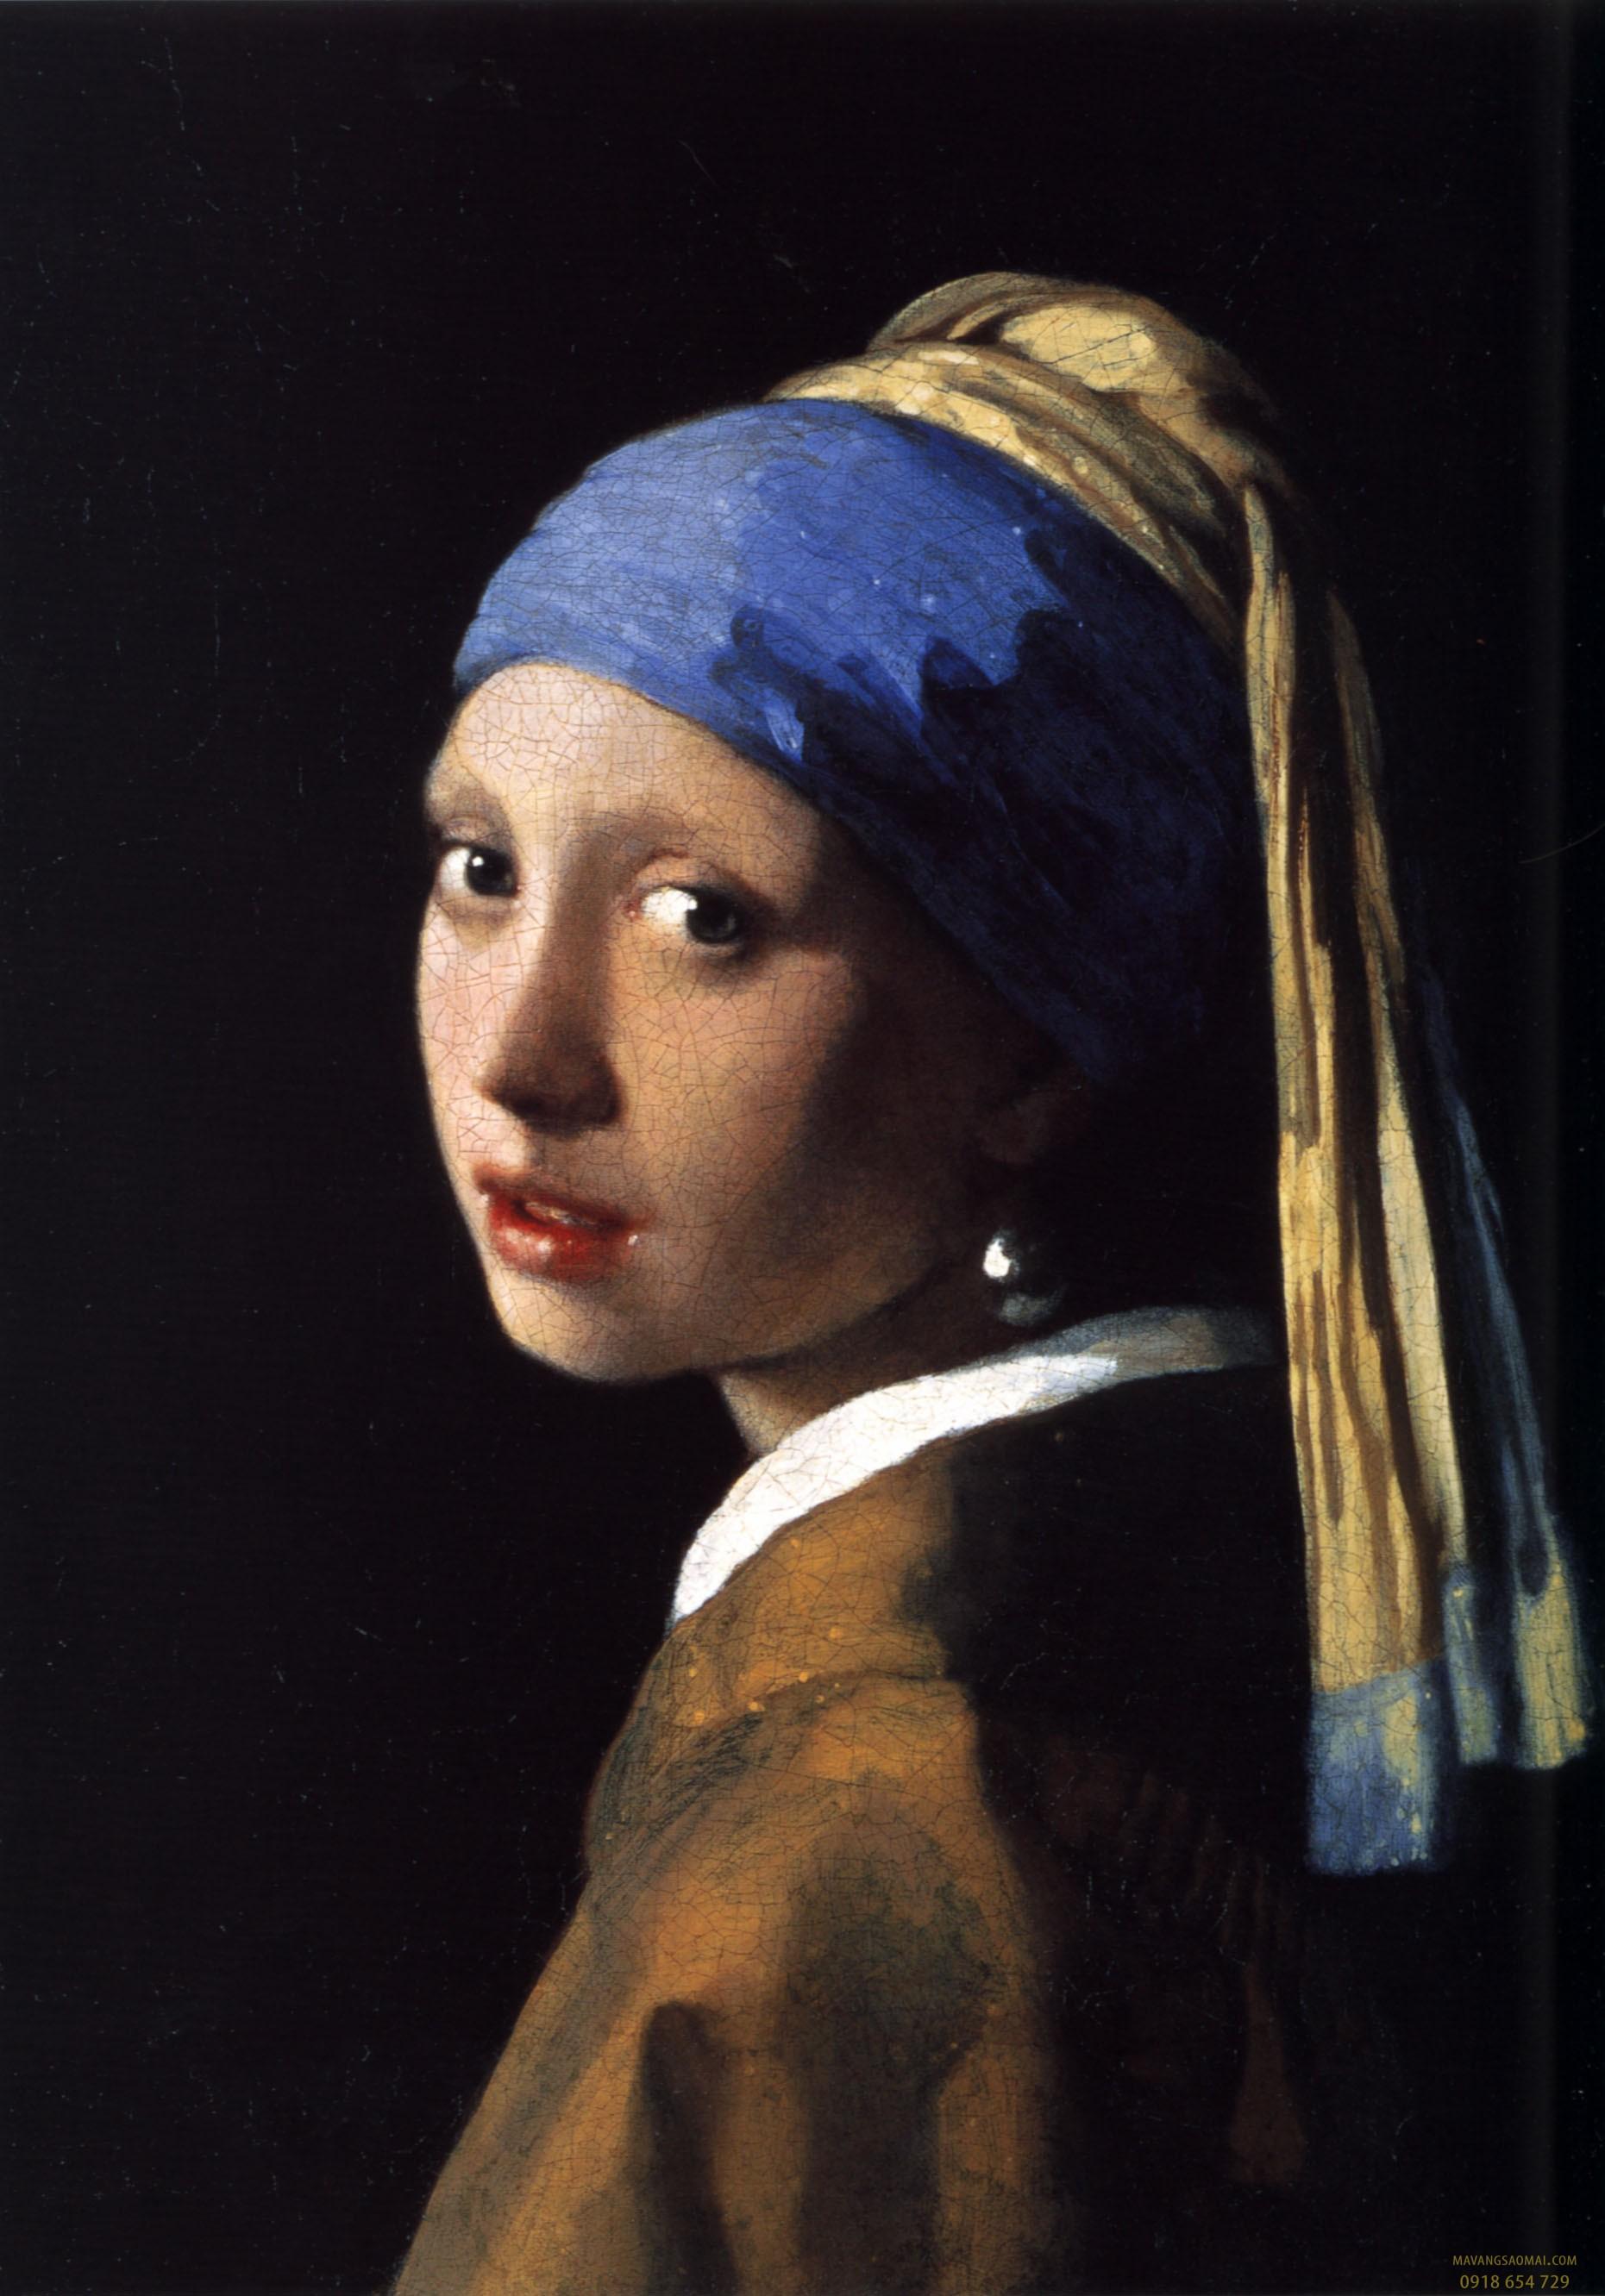 Những bức tranh chân dung nổi tiếng trên thế giới